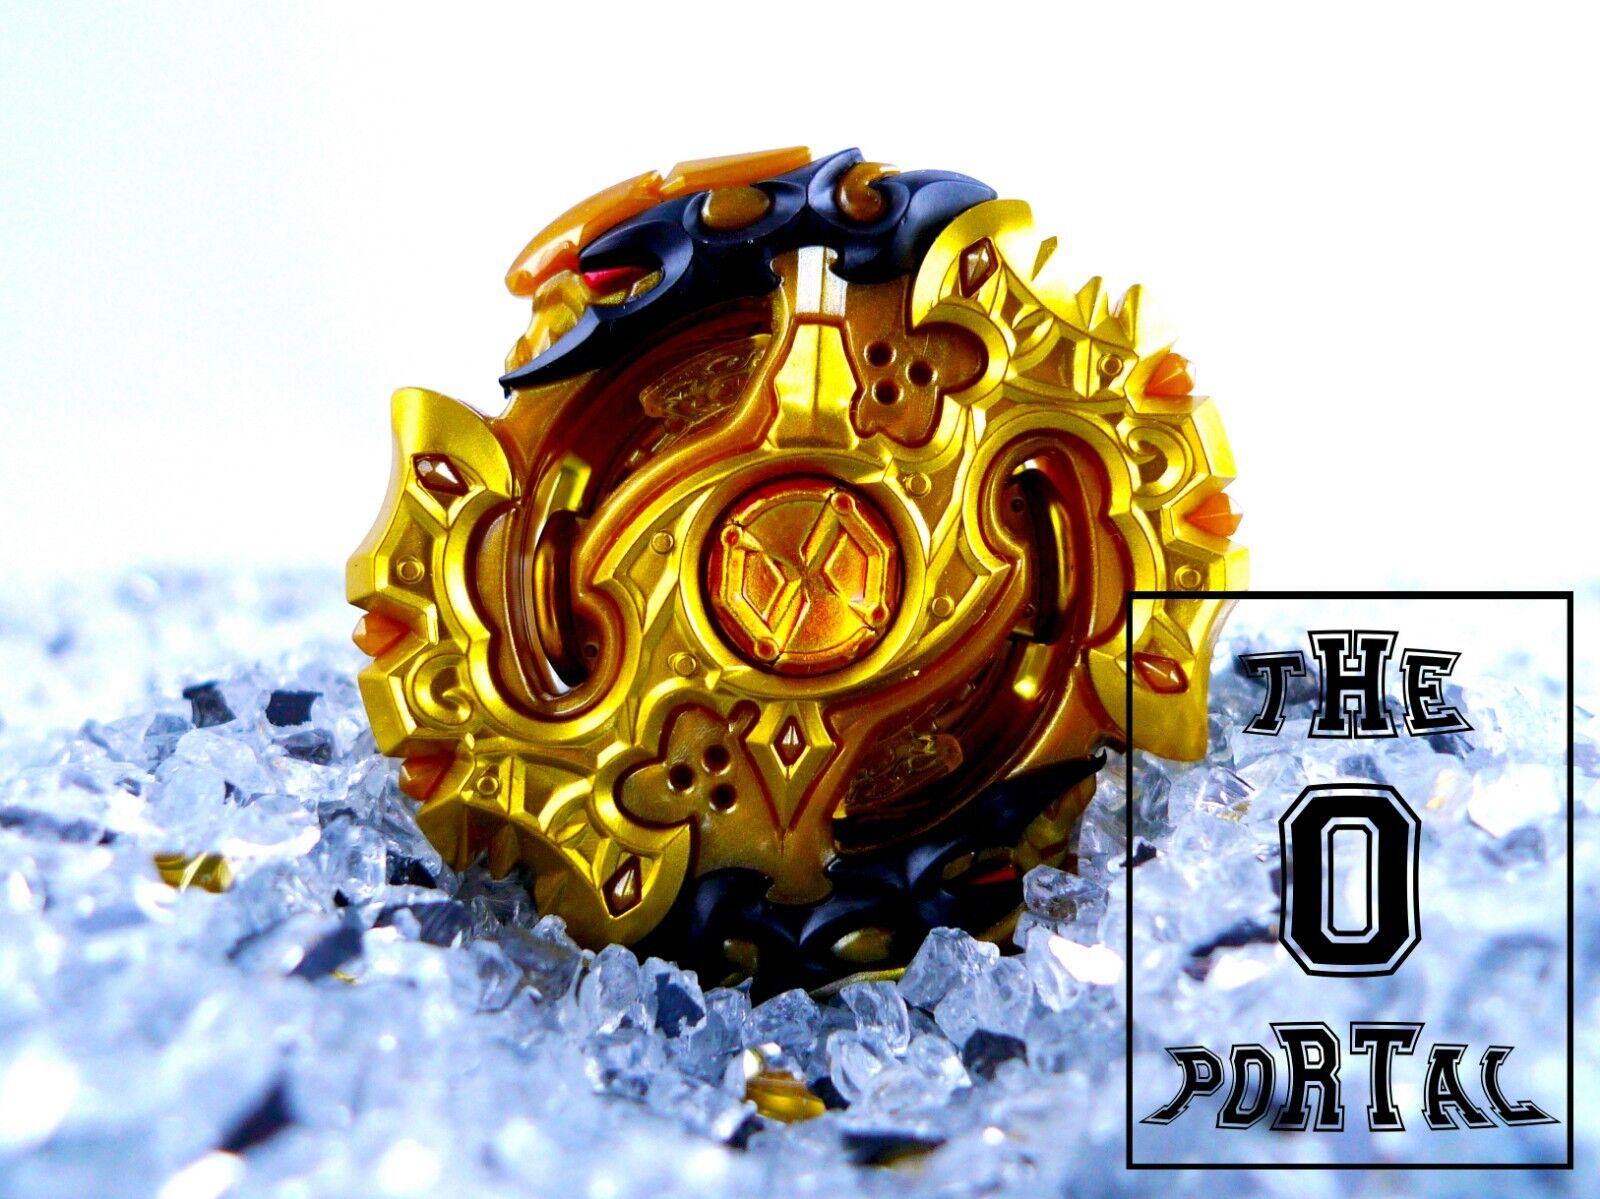 TAKARA TOMY Beyblade BURST B-00 Limited Gold Spriggan Requiem.0.Zt -ThePortal0